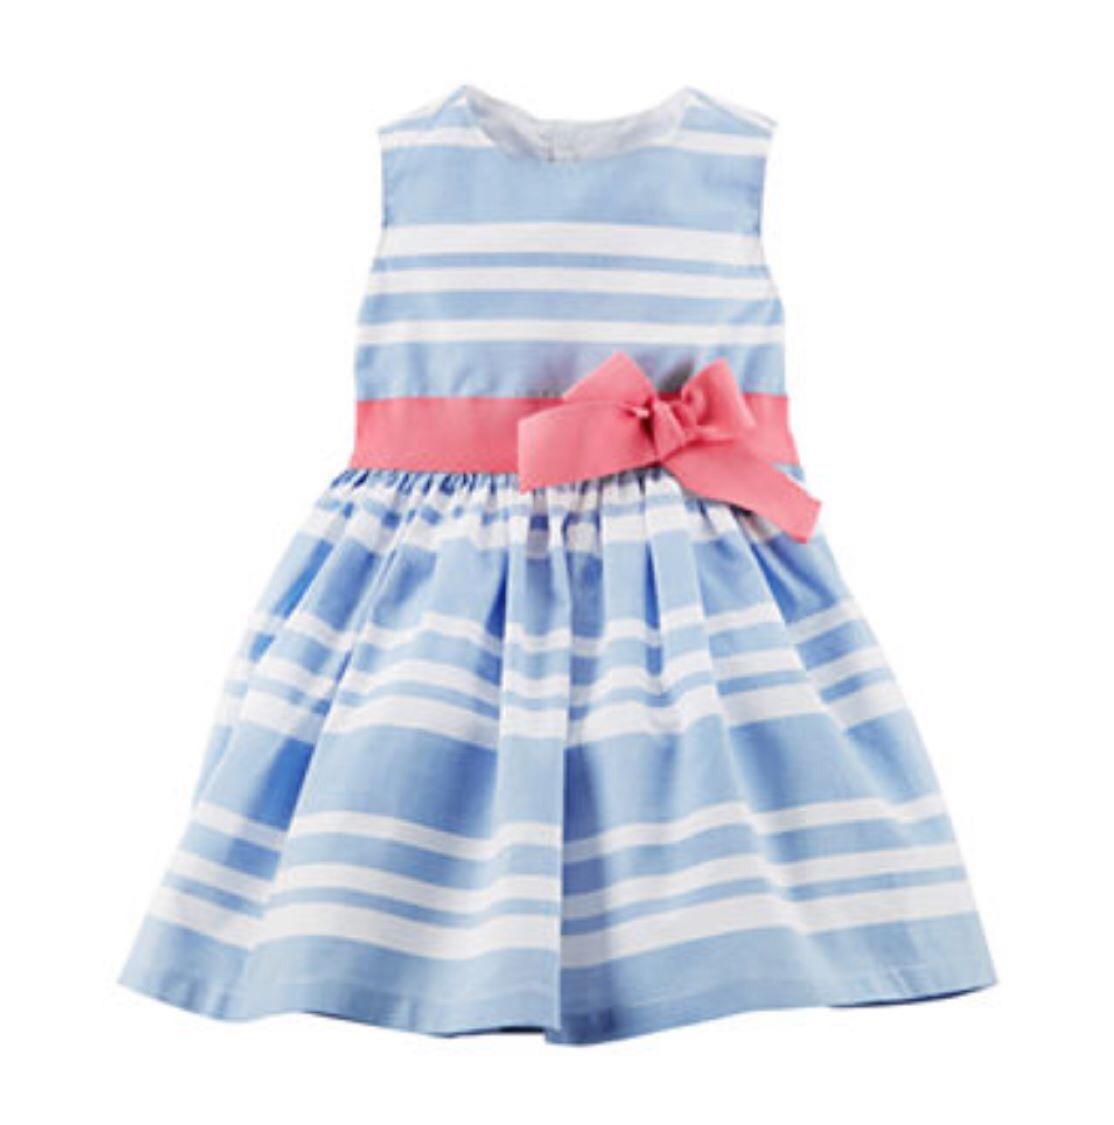 Vestido Azul Y Blanco Carters Talla 18 Meses